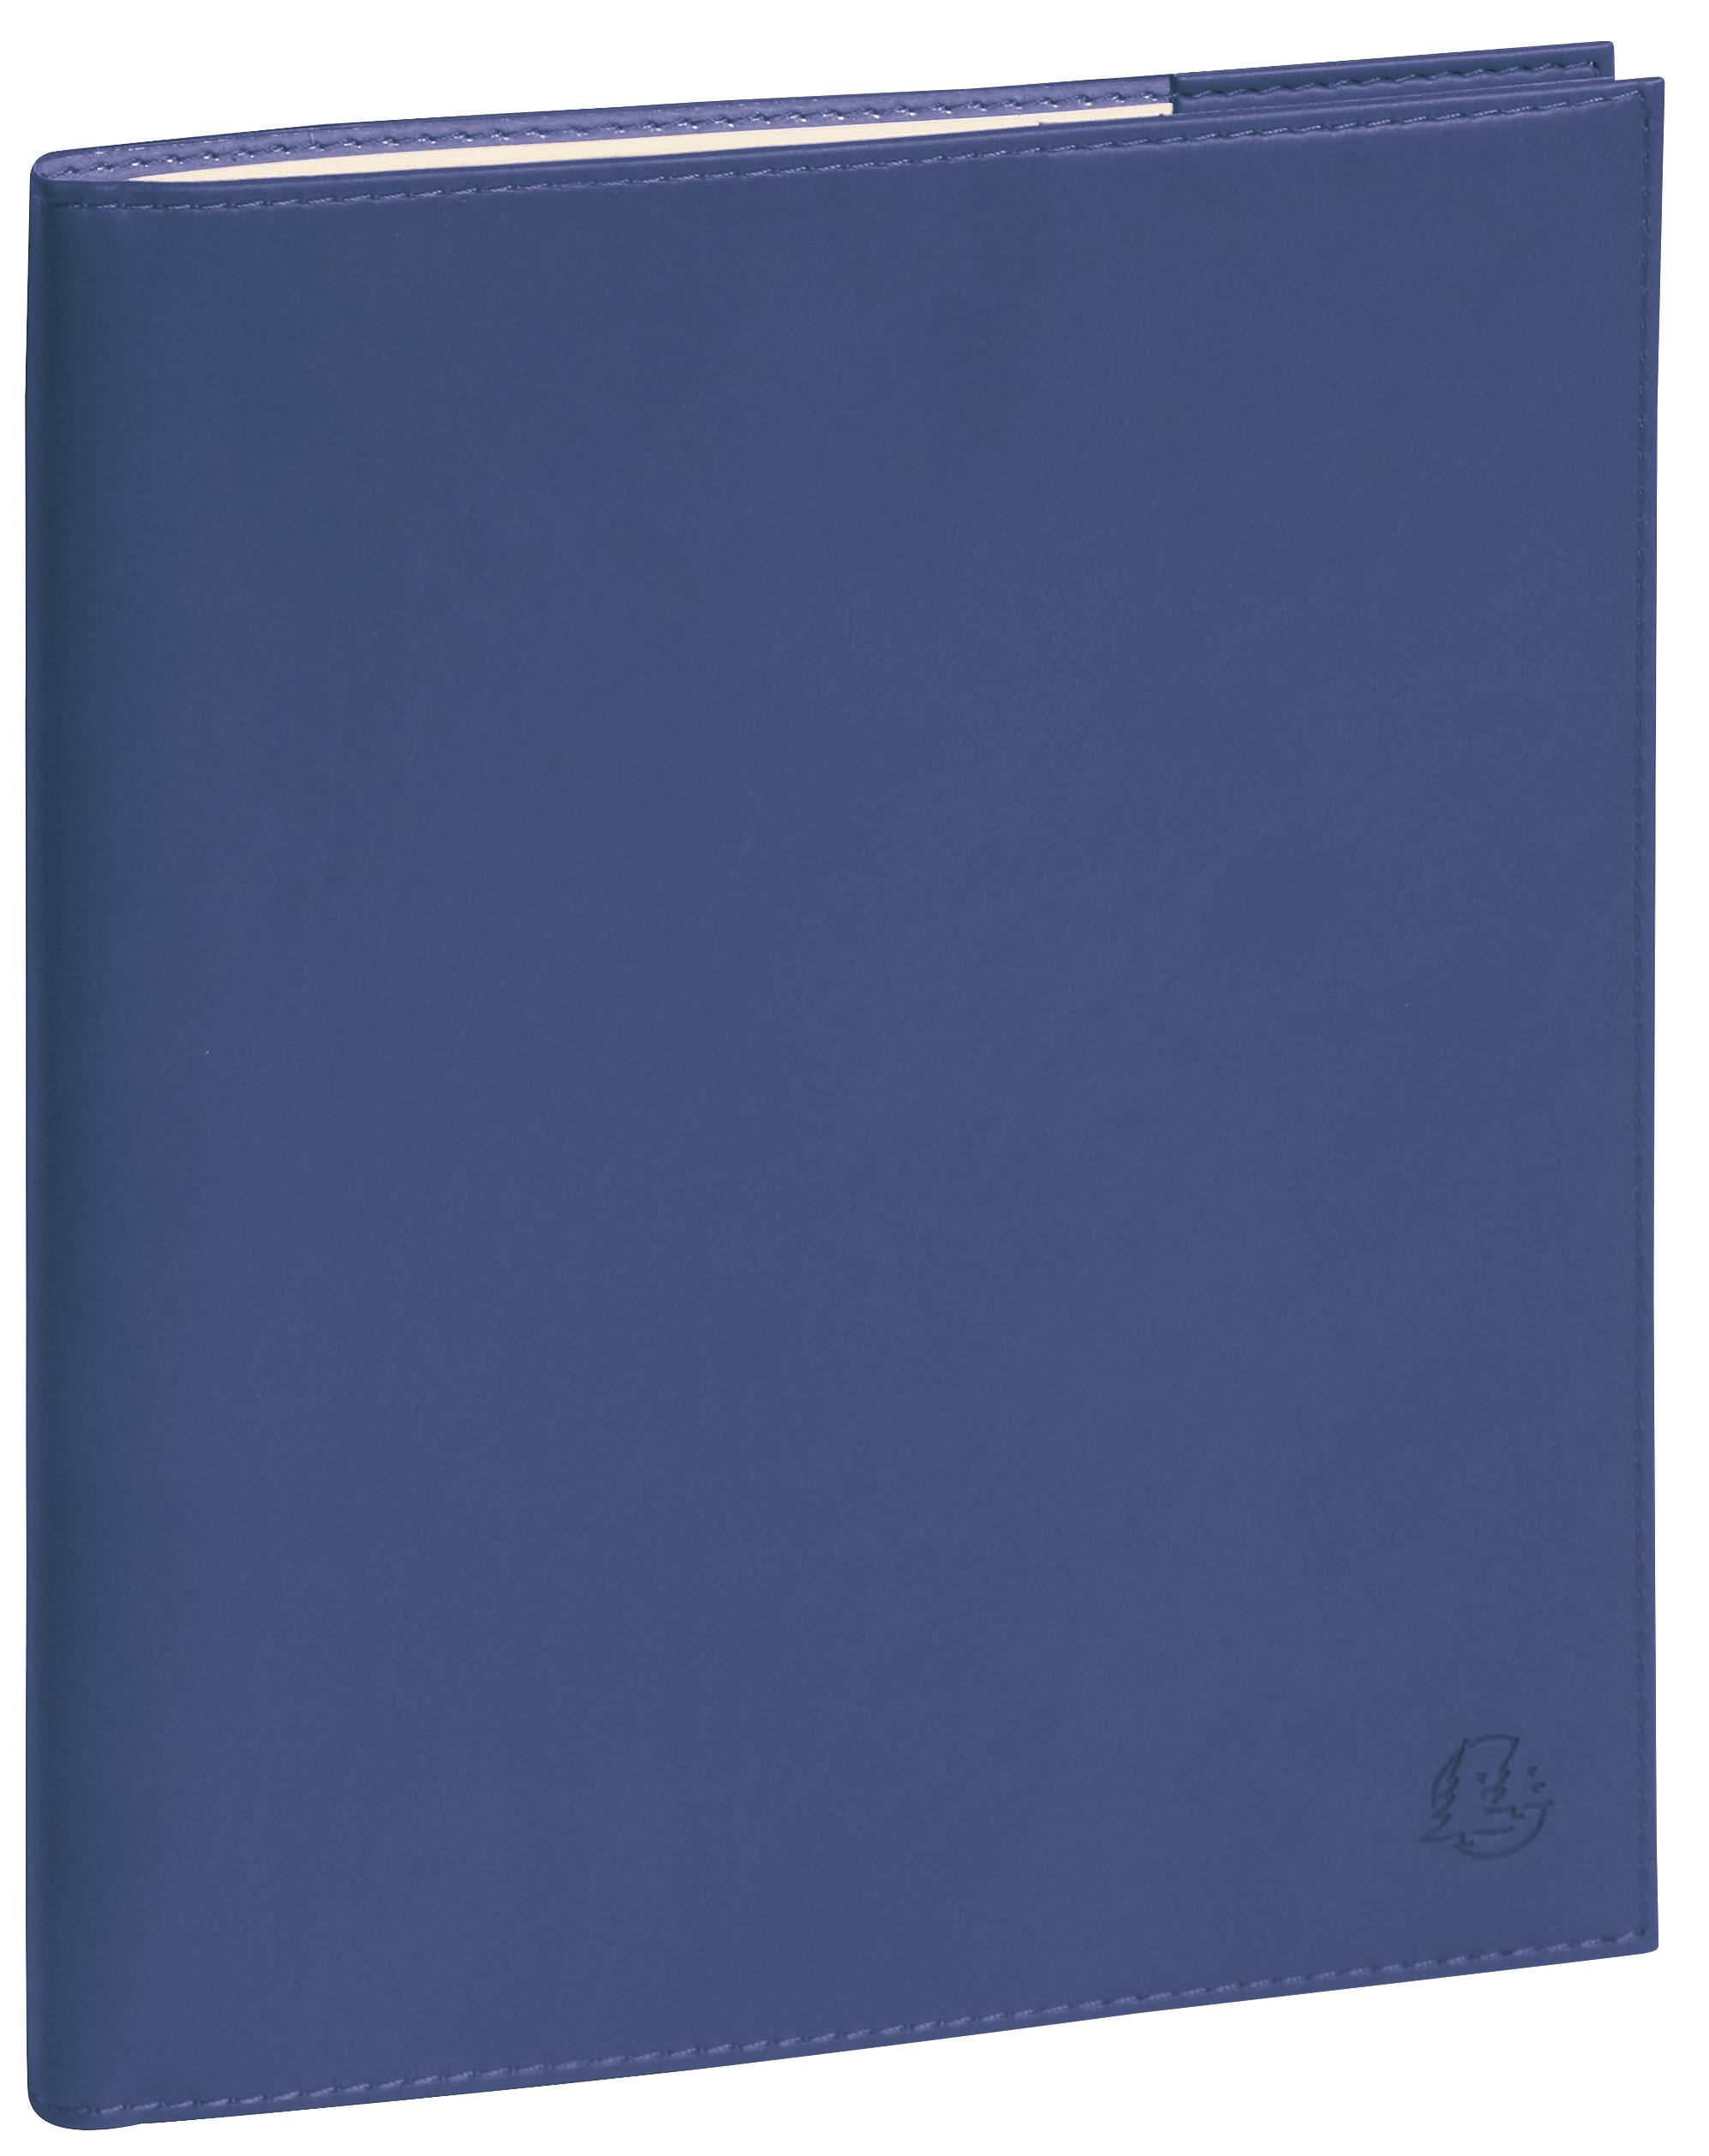 Winner Horizons 27 - Agenda 1 semaine sur 2 pages - 21 x 27 cm - disponible dans différentes couleurs - Exacompta